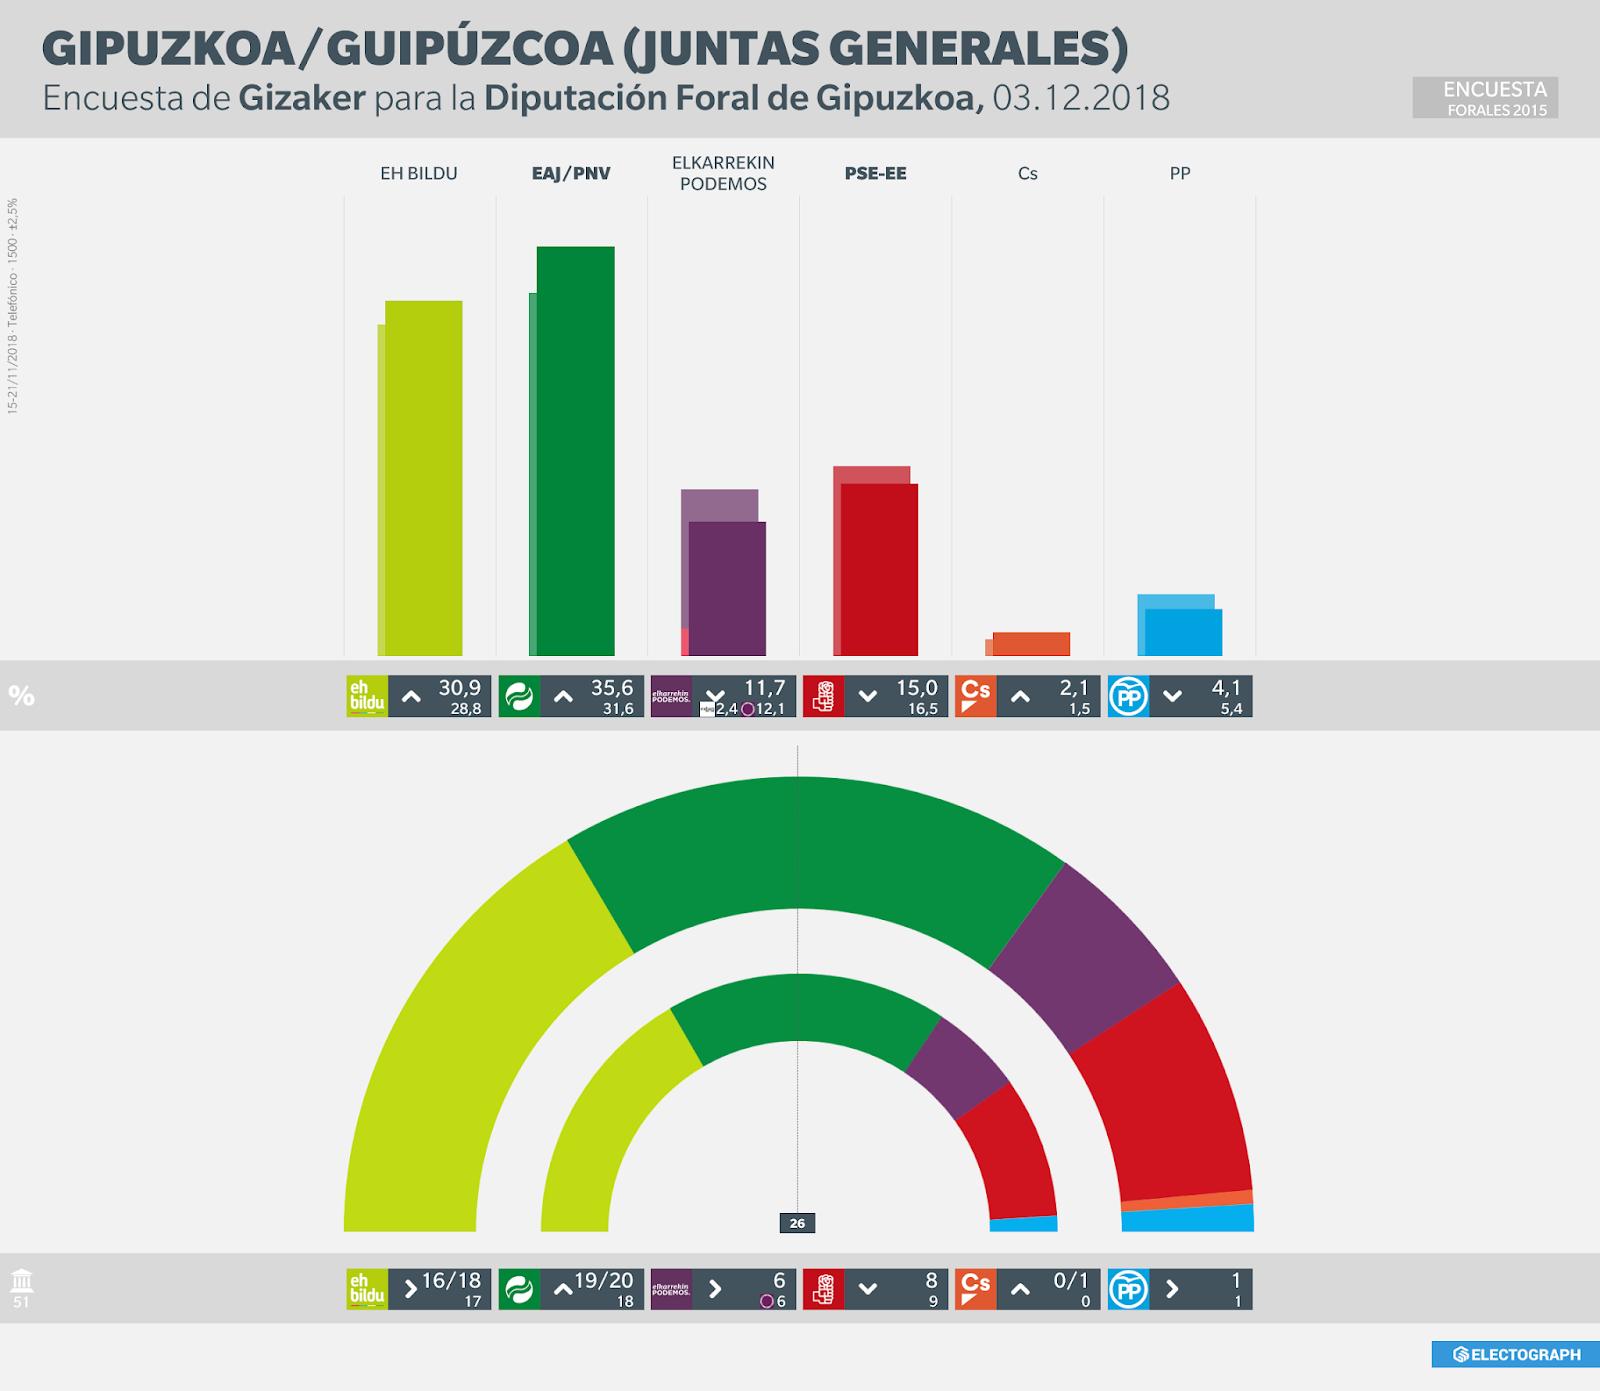 Gráfico de la encuesta para elecciones a Juntas Generales de Gipuzkoa realizada por Gizaker para la Diputación Foral en noviembre de 2018